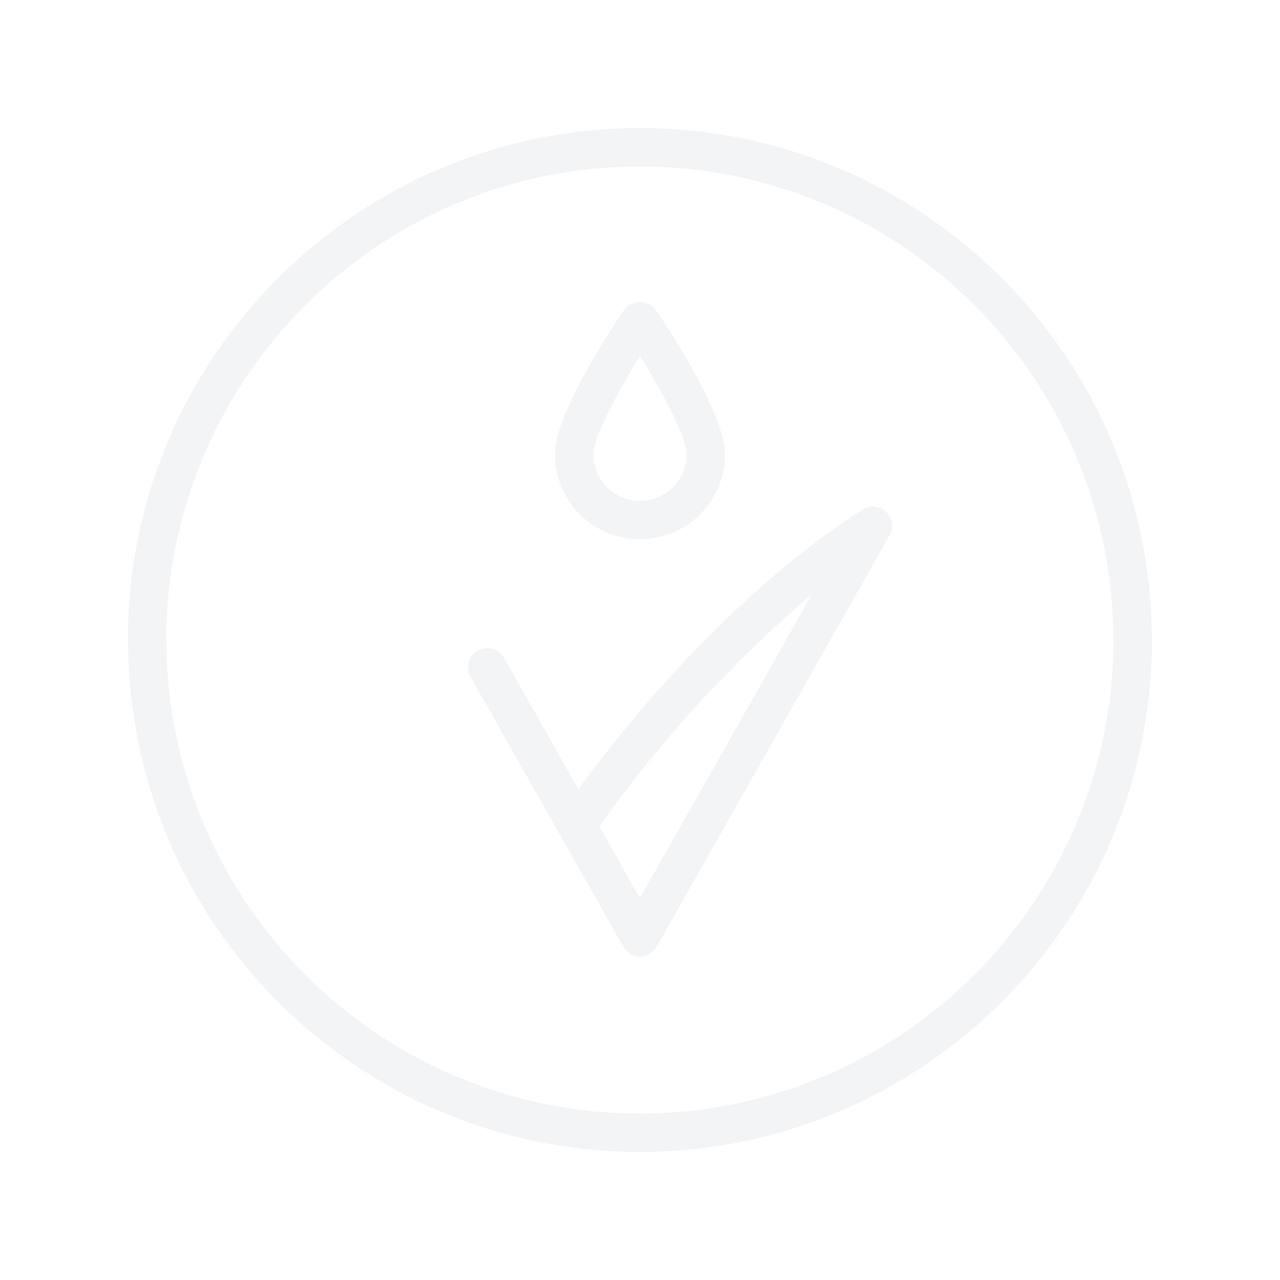 CHANEL Coco Mademoiselle Intense Eau De Parfum